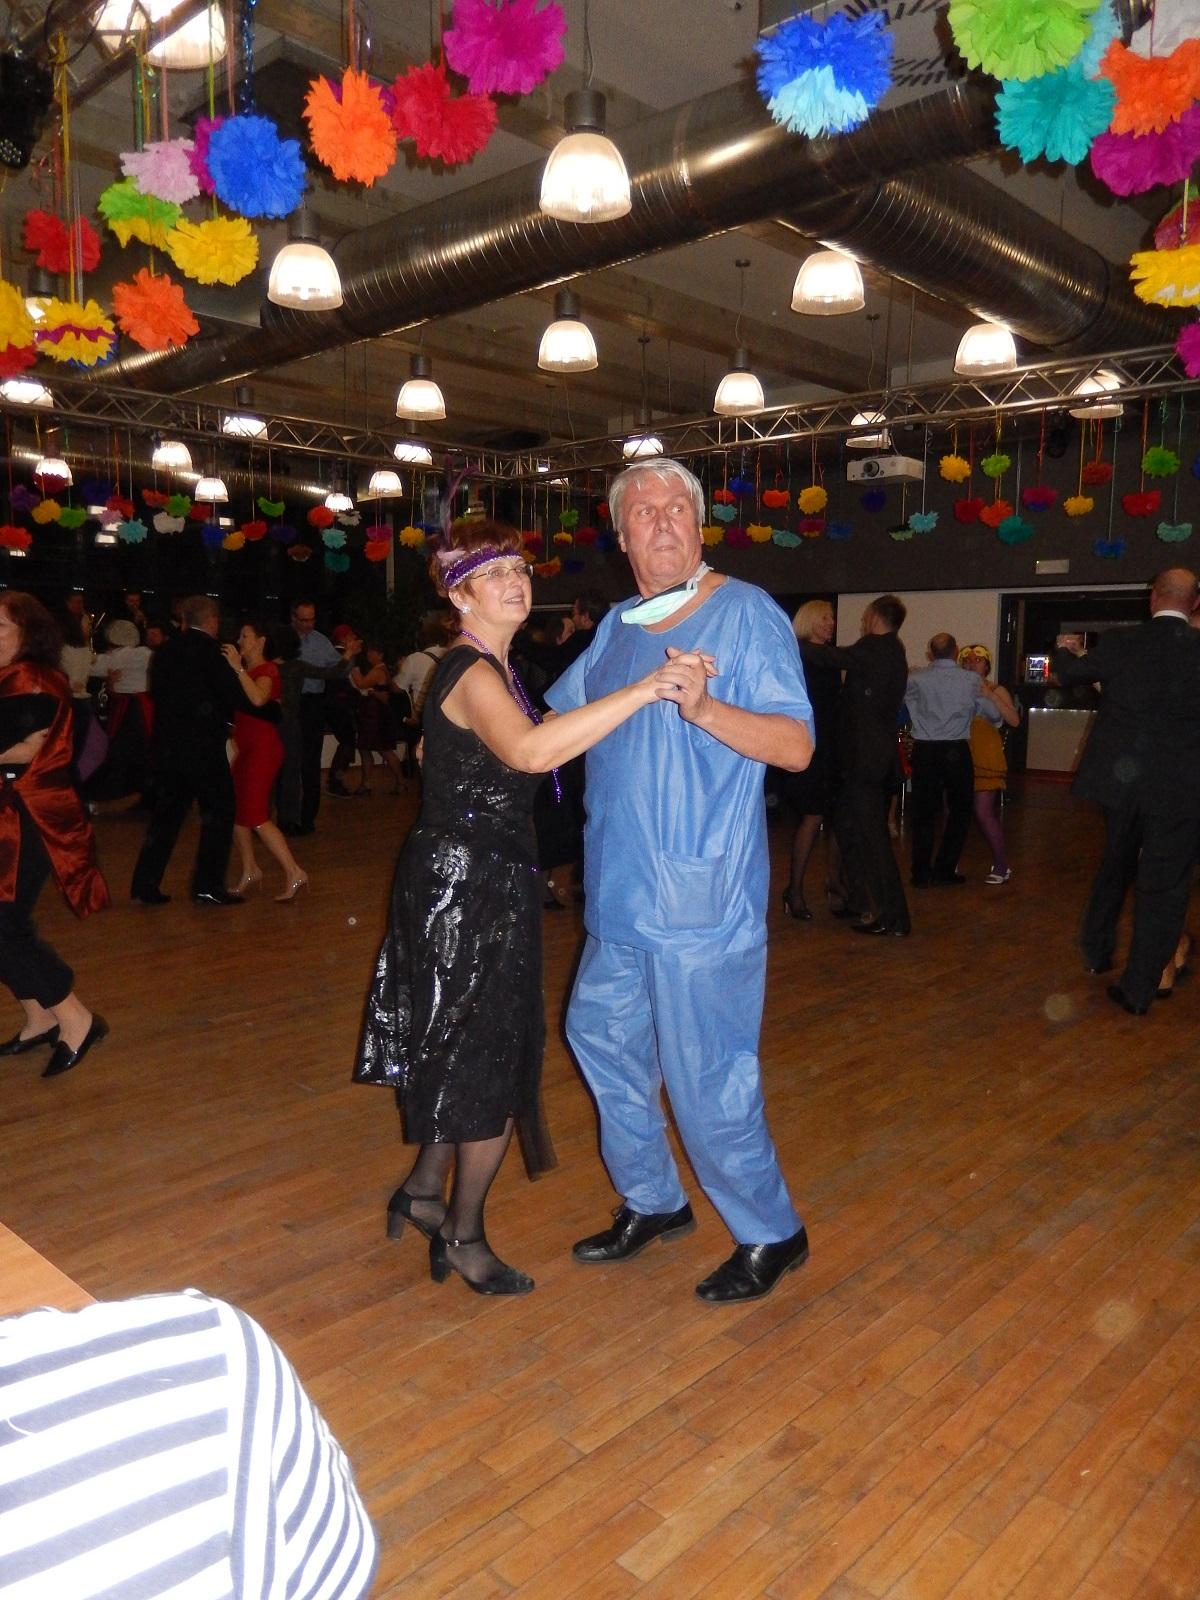 2. Taneční zábava v maskách - sobota 21.11.2015